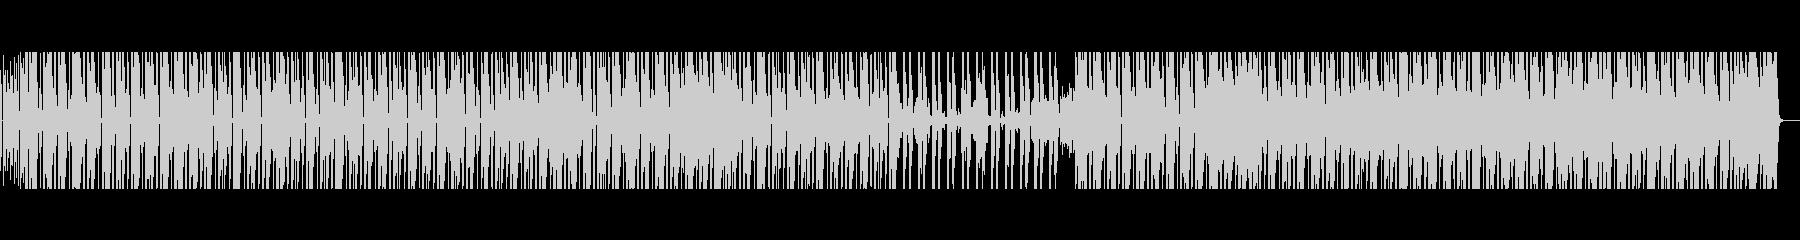 80年代風ミディアムテンポのファンクの未再生の波形